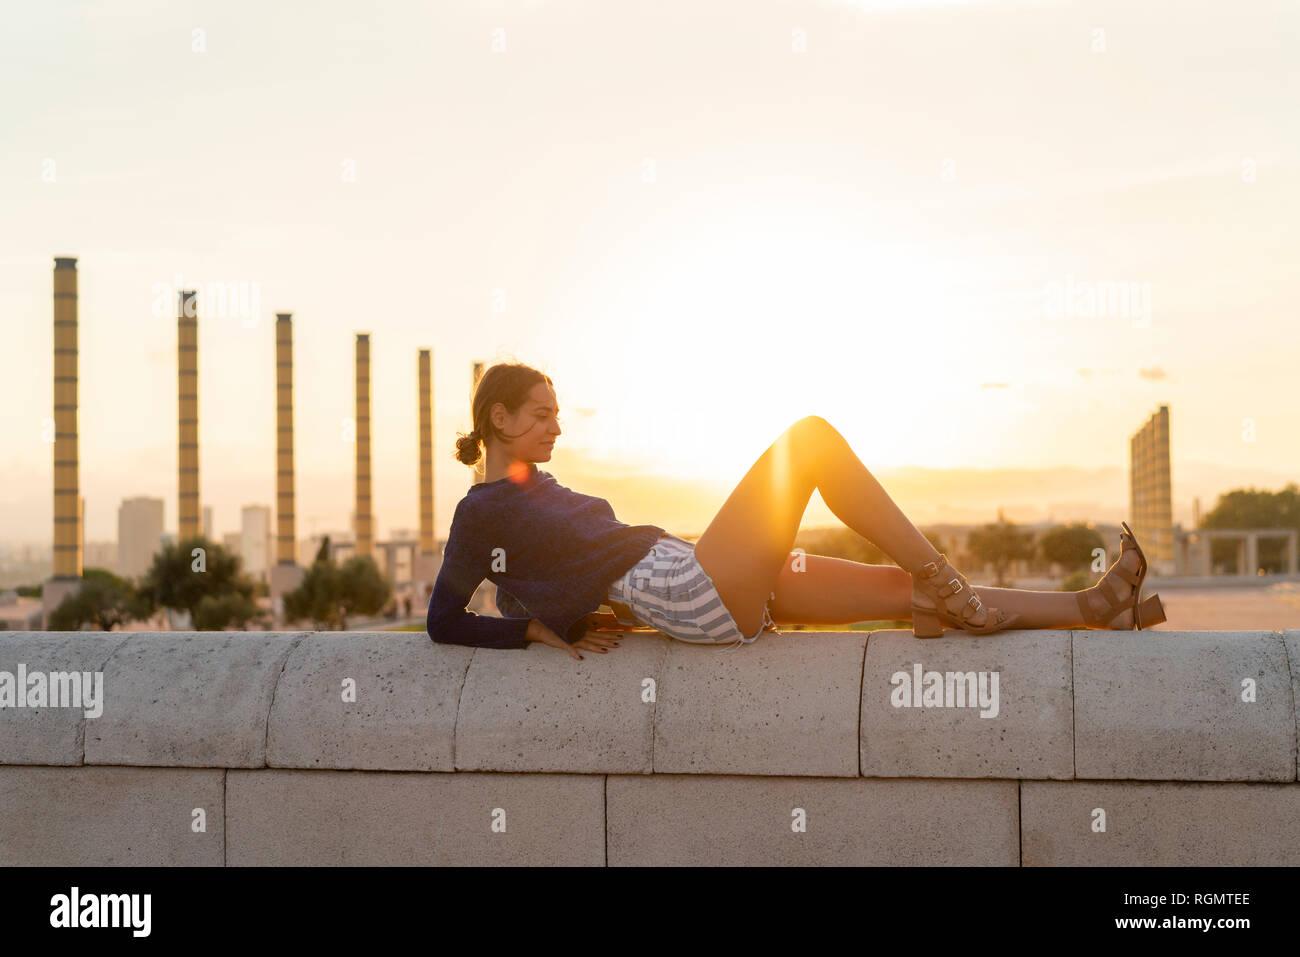 España, Barcelona, Montjuic, joven mujer acostada sobre una pared al atardecer Foto de stock